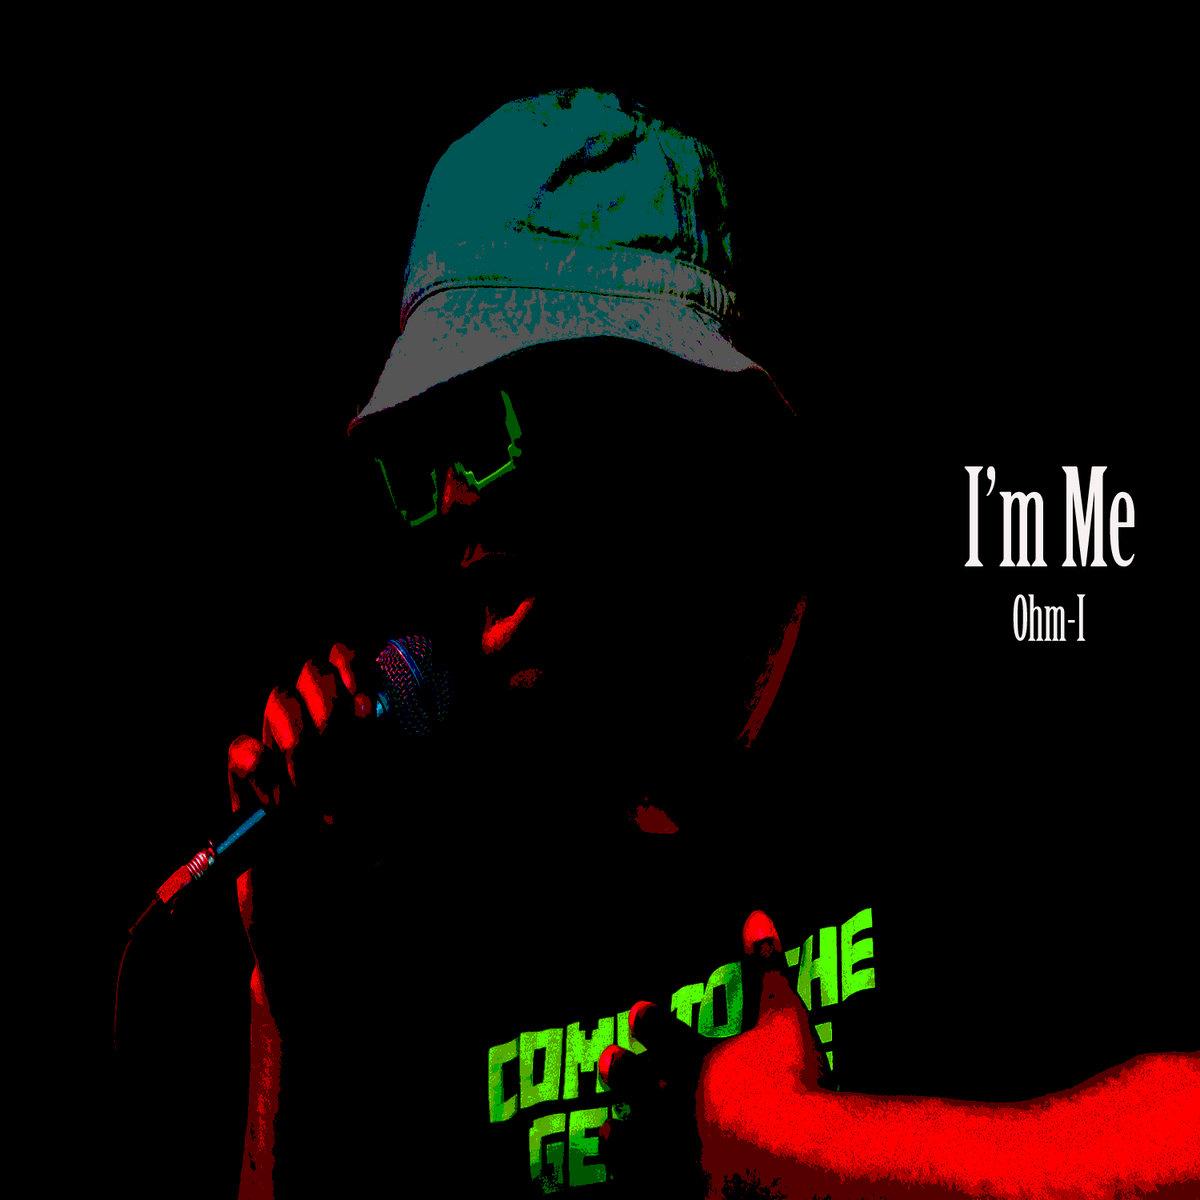 I'm Me by Ohm-I